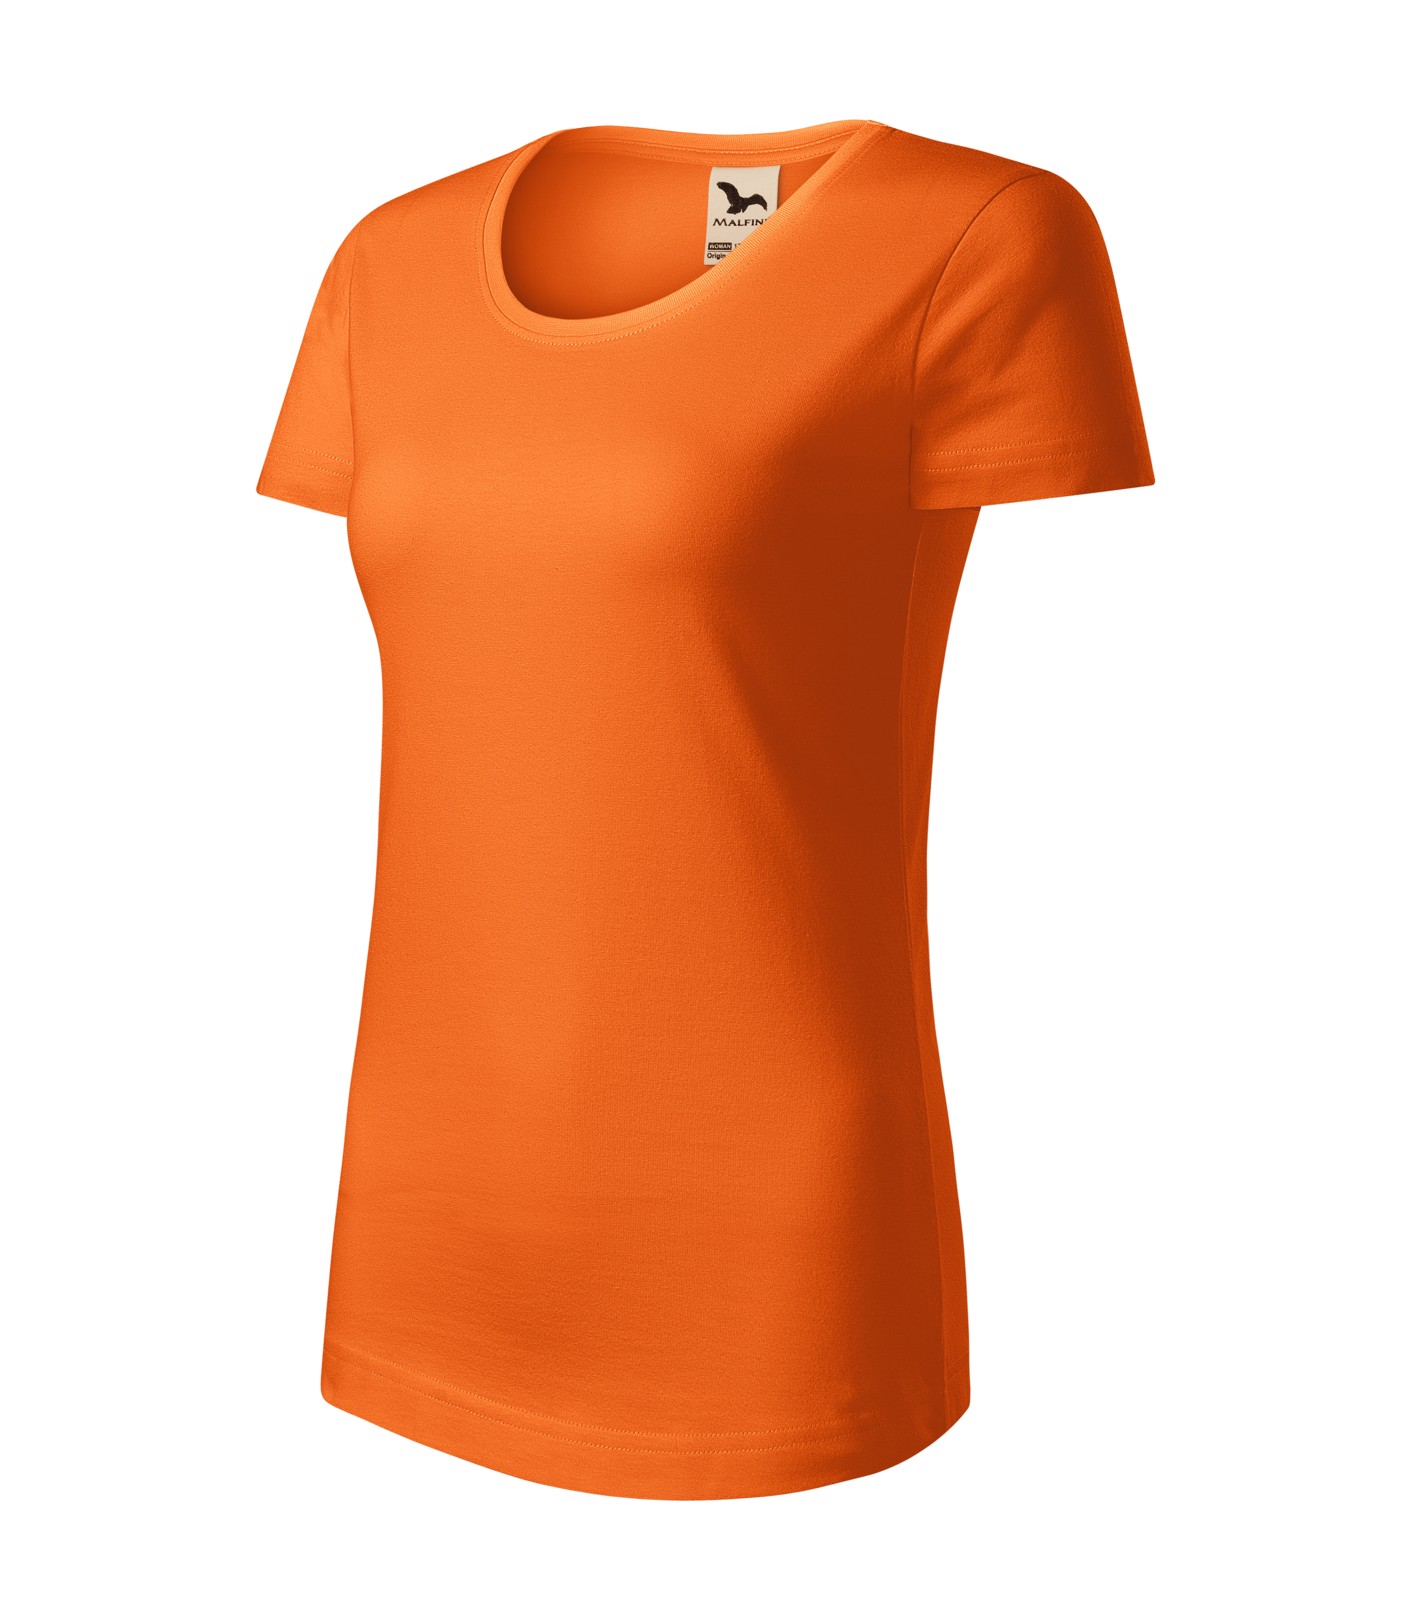 T-shirt women's Malfini Origin - Orange / 2XL